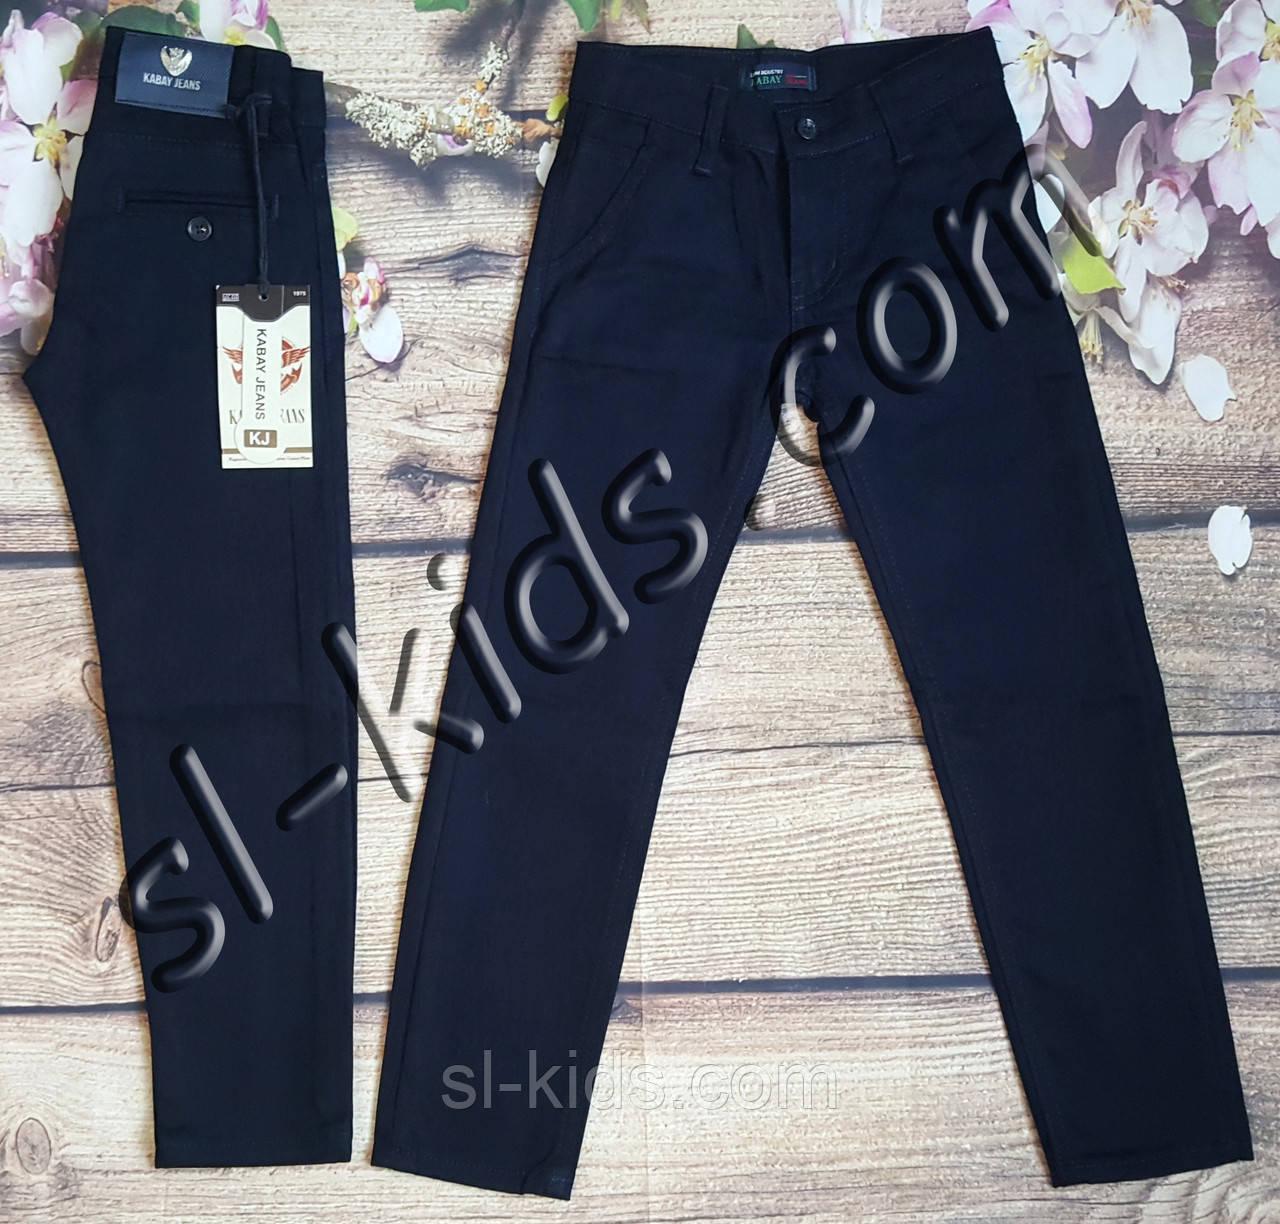 Штаны,джинсы на флисе для мальчика 11-15 лет (Kabay) (темно синие 02) розн пр.Турция